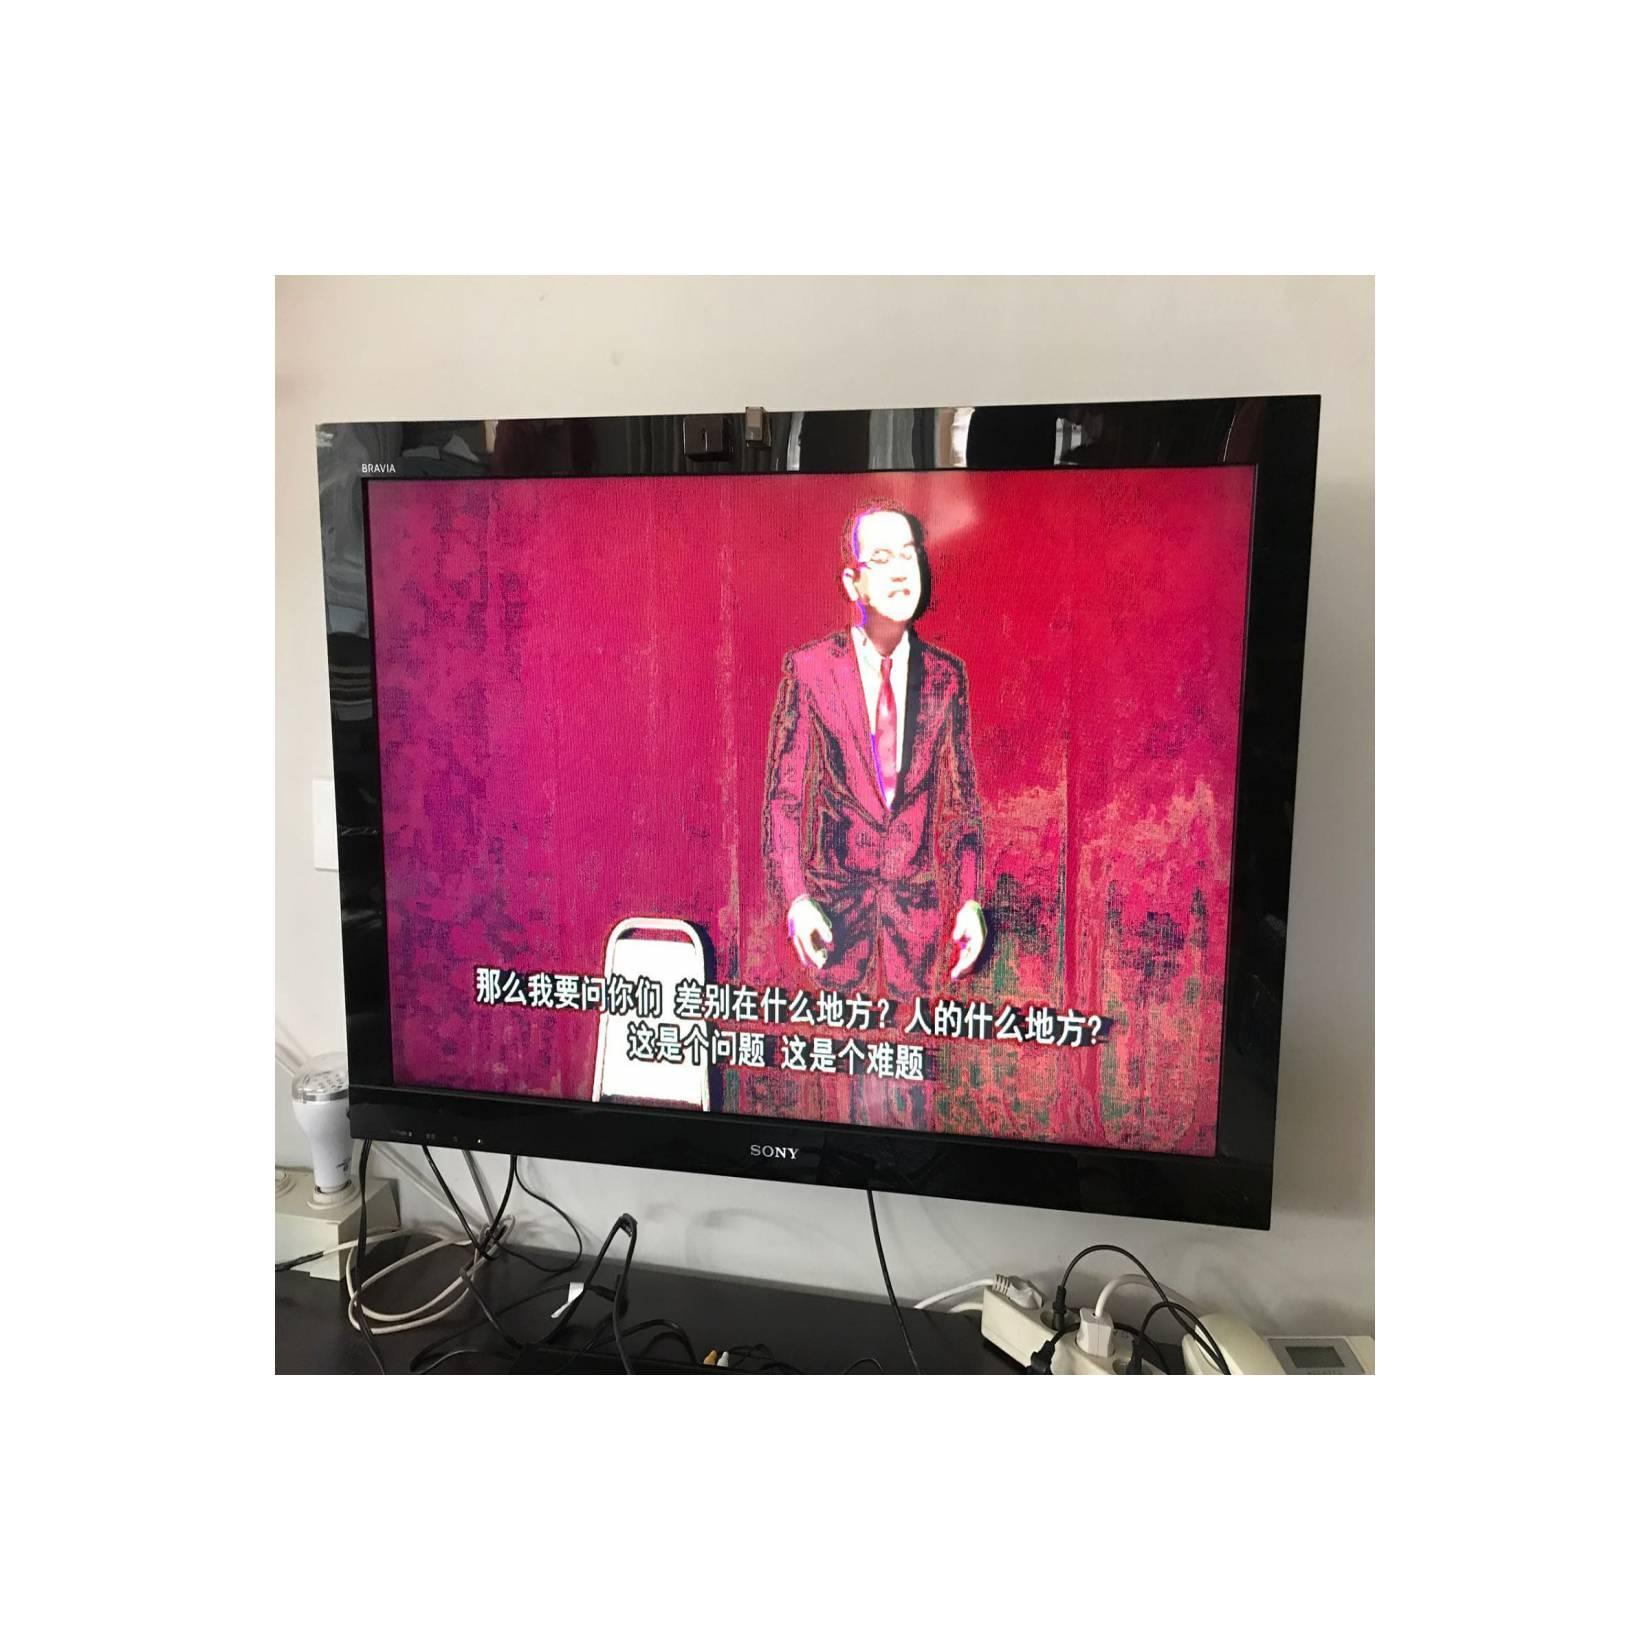 TV SONY COLOUR-KLV-40BX400---BEKAS